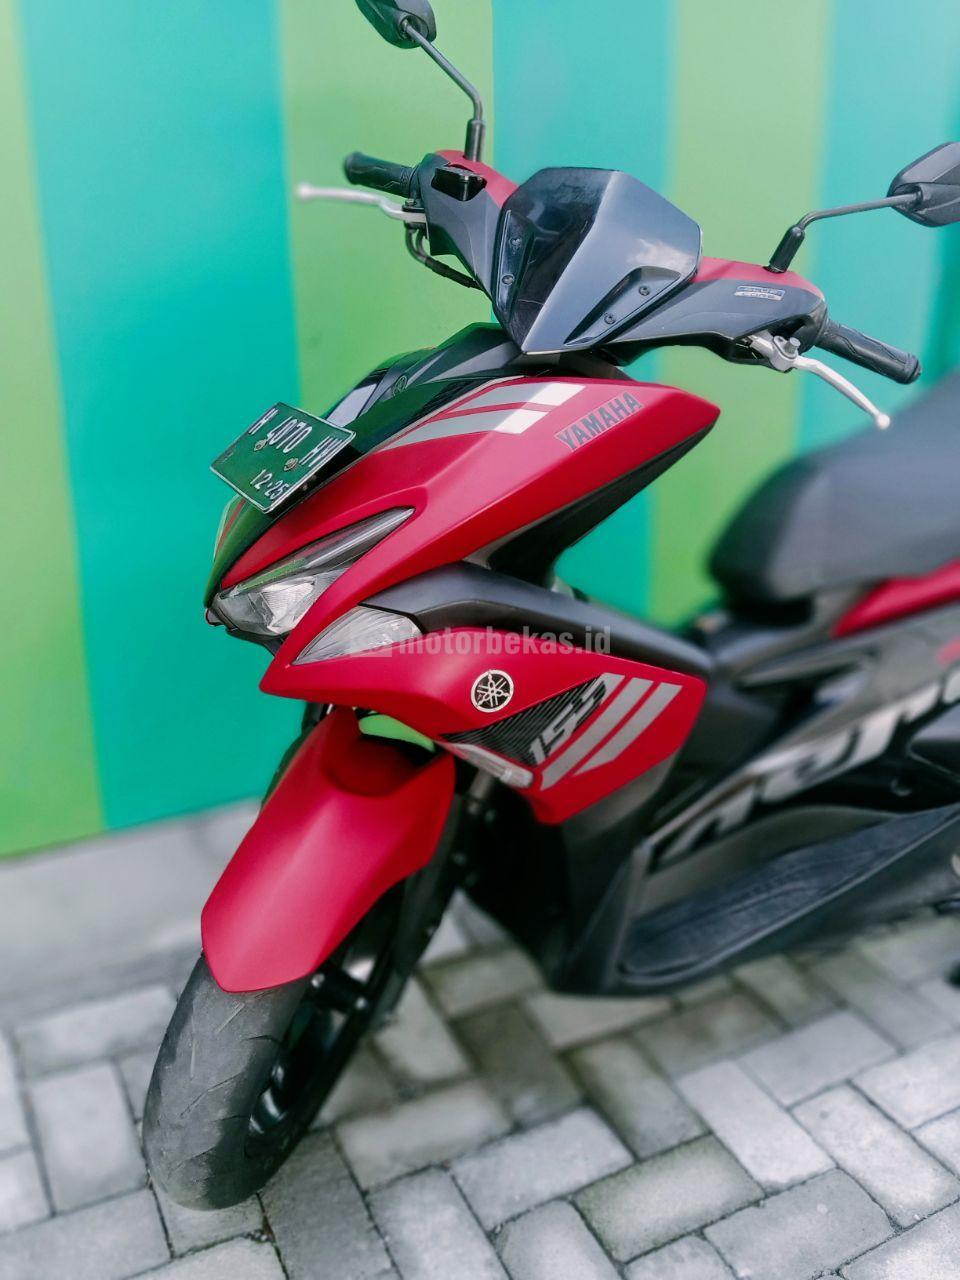 YAMAHA AEROX 155 FI 848 motorbekas.id